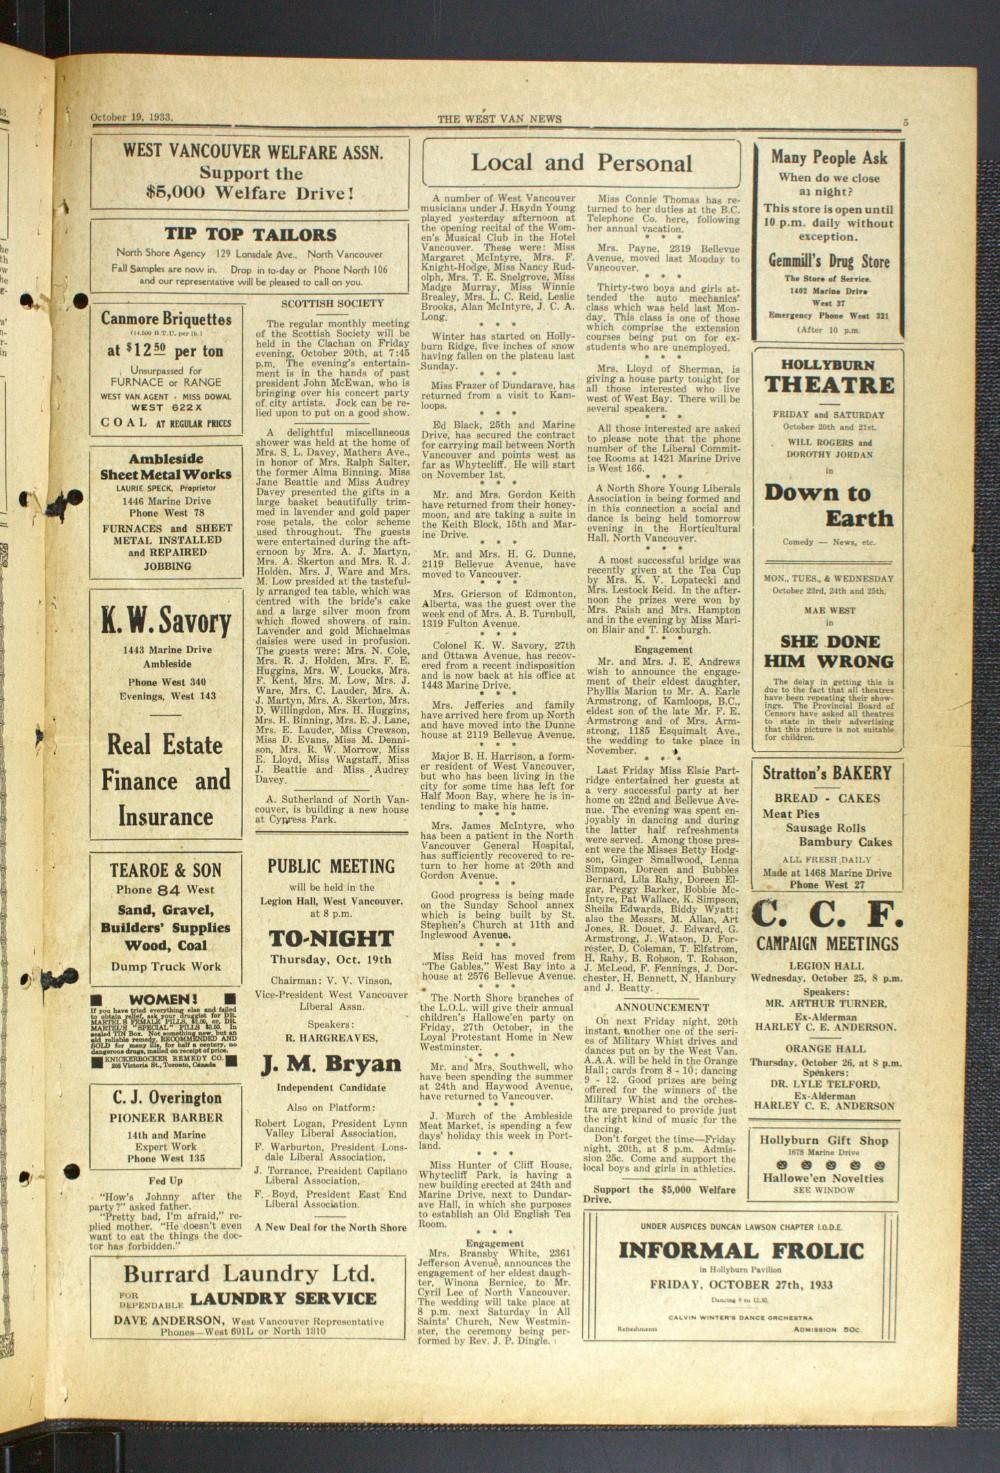 West Van. News (West Vancouver), 19 Oct 1933